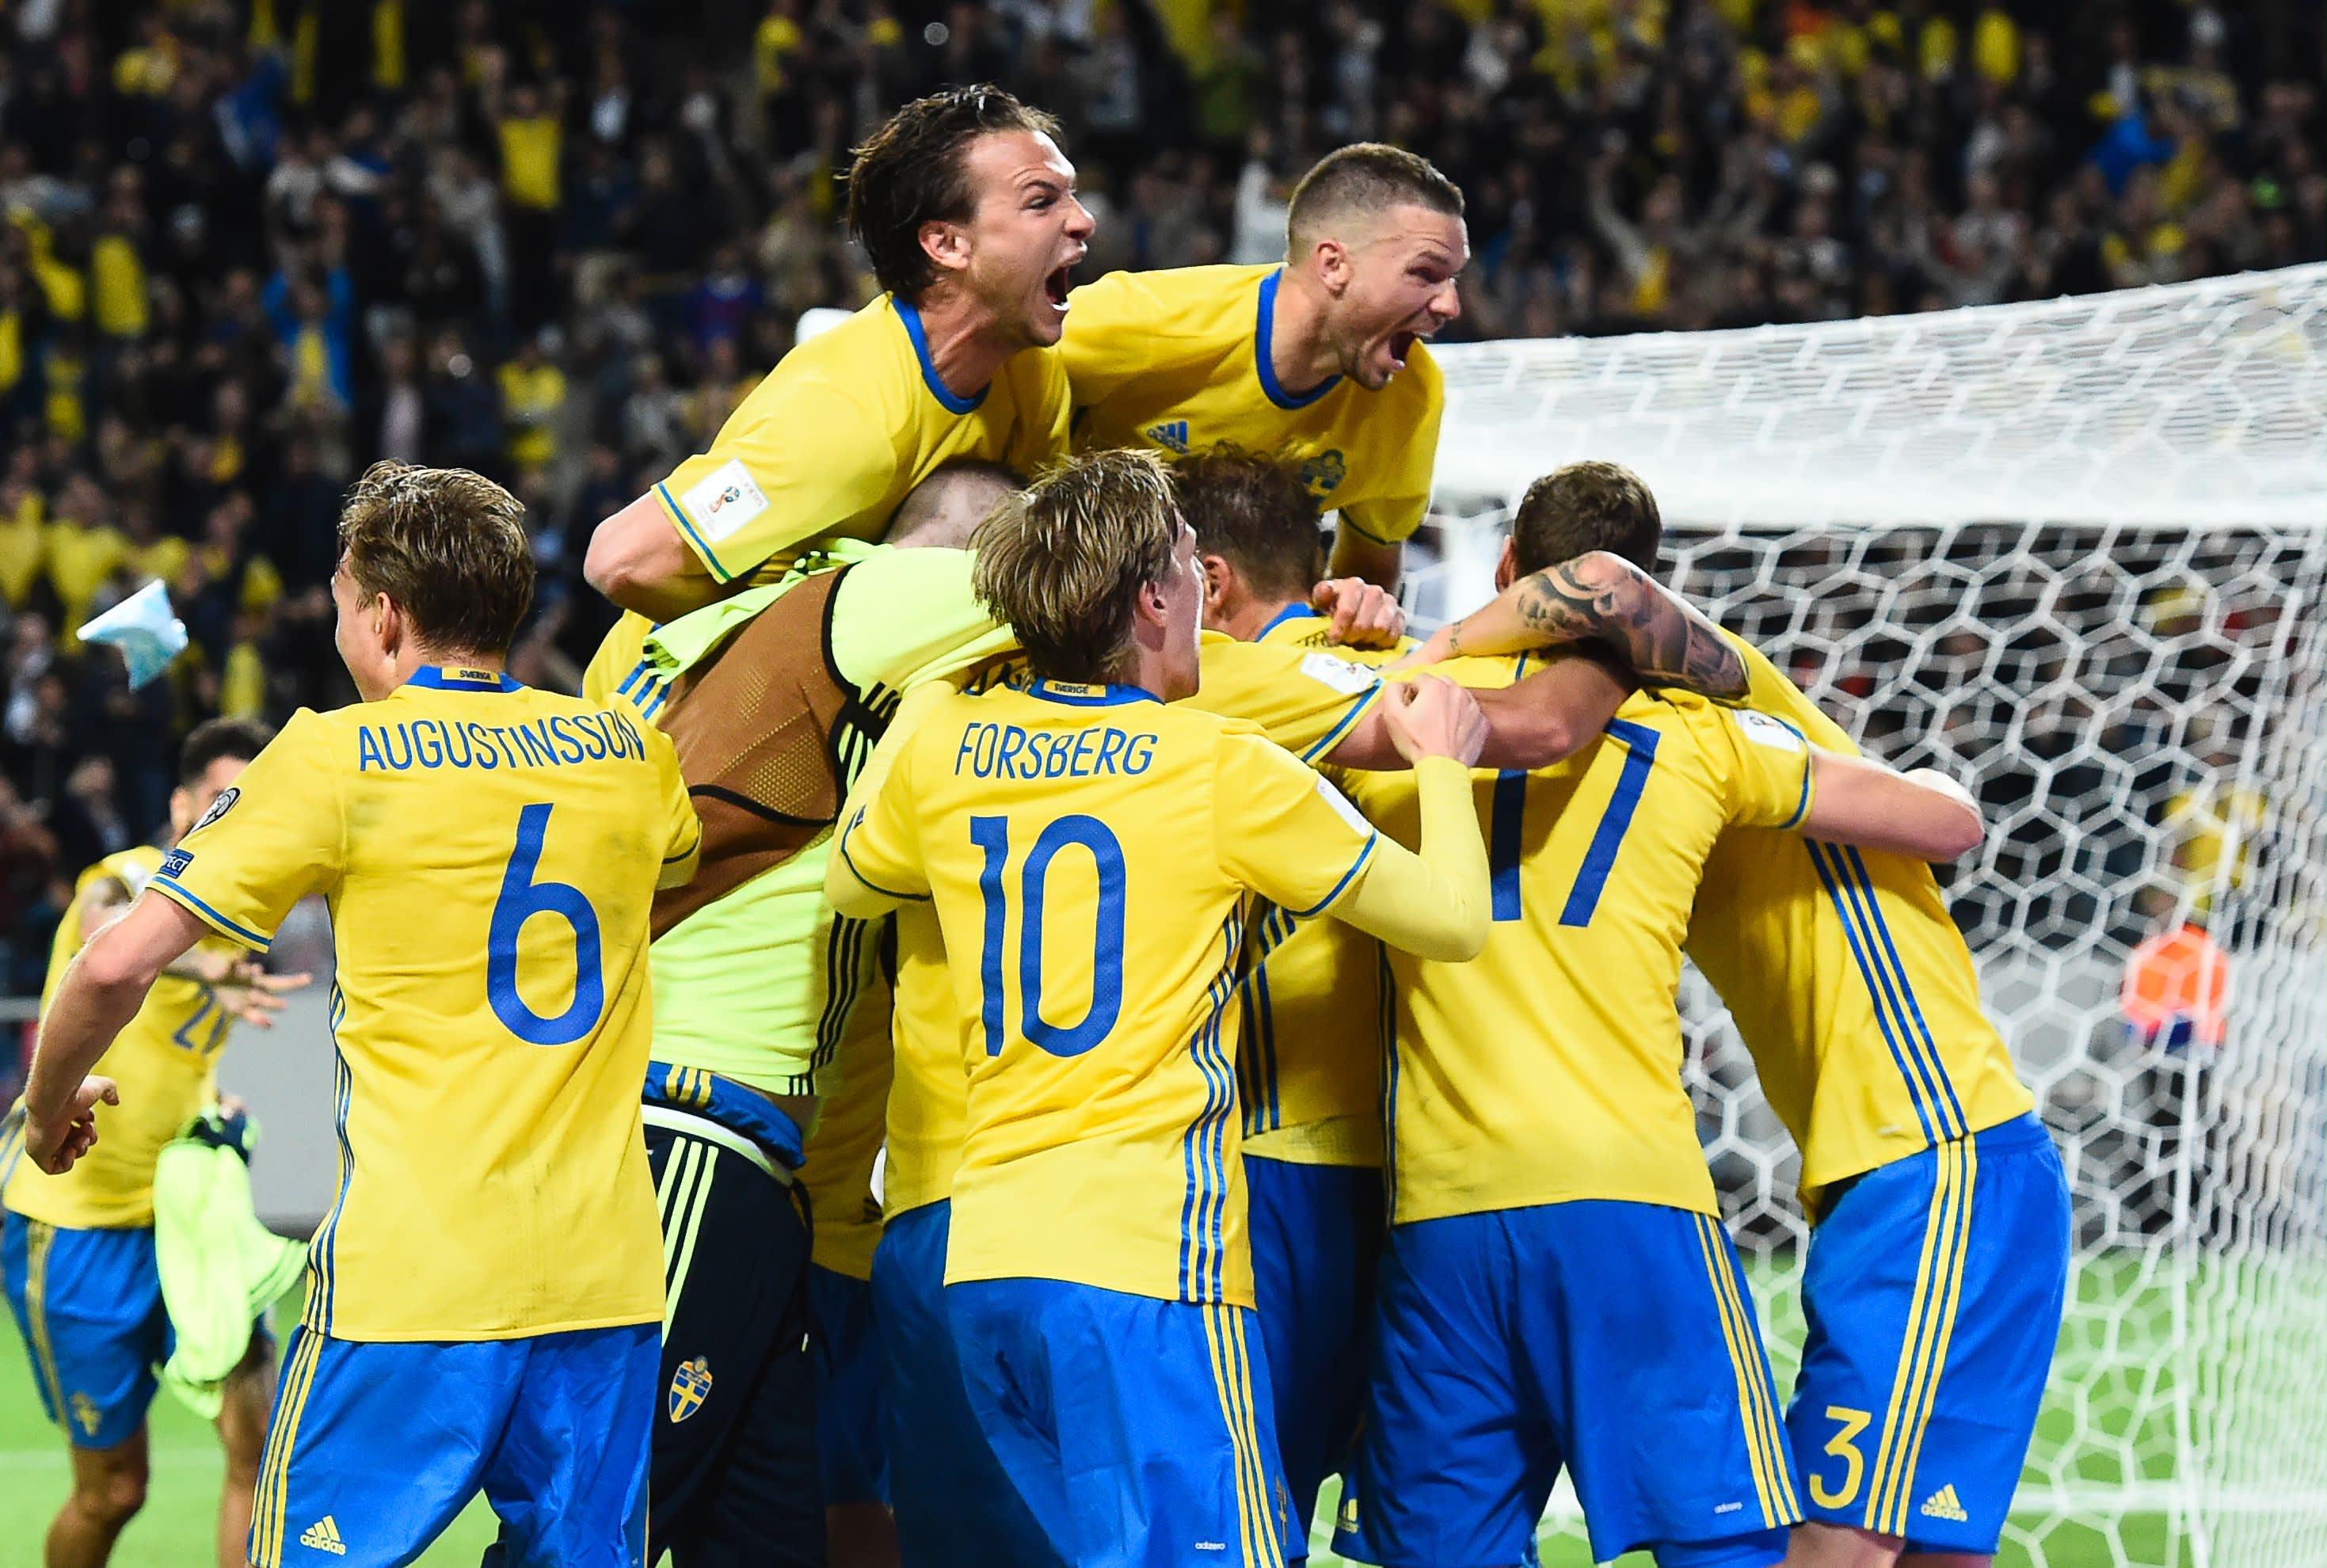 Ruotsin jalkapallomaajoukkue juhlii Ranska-voittoa.